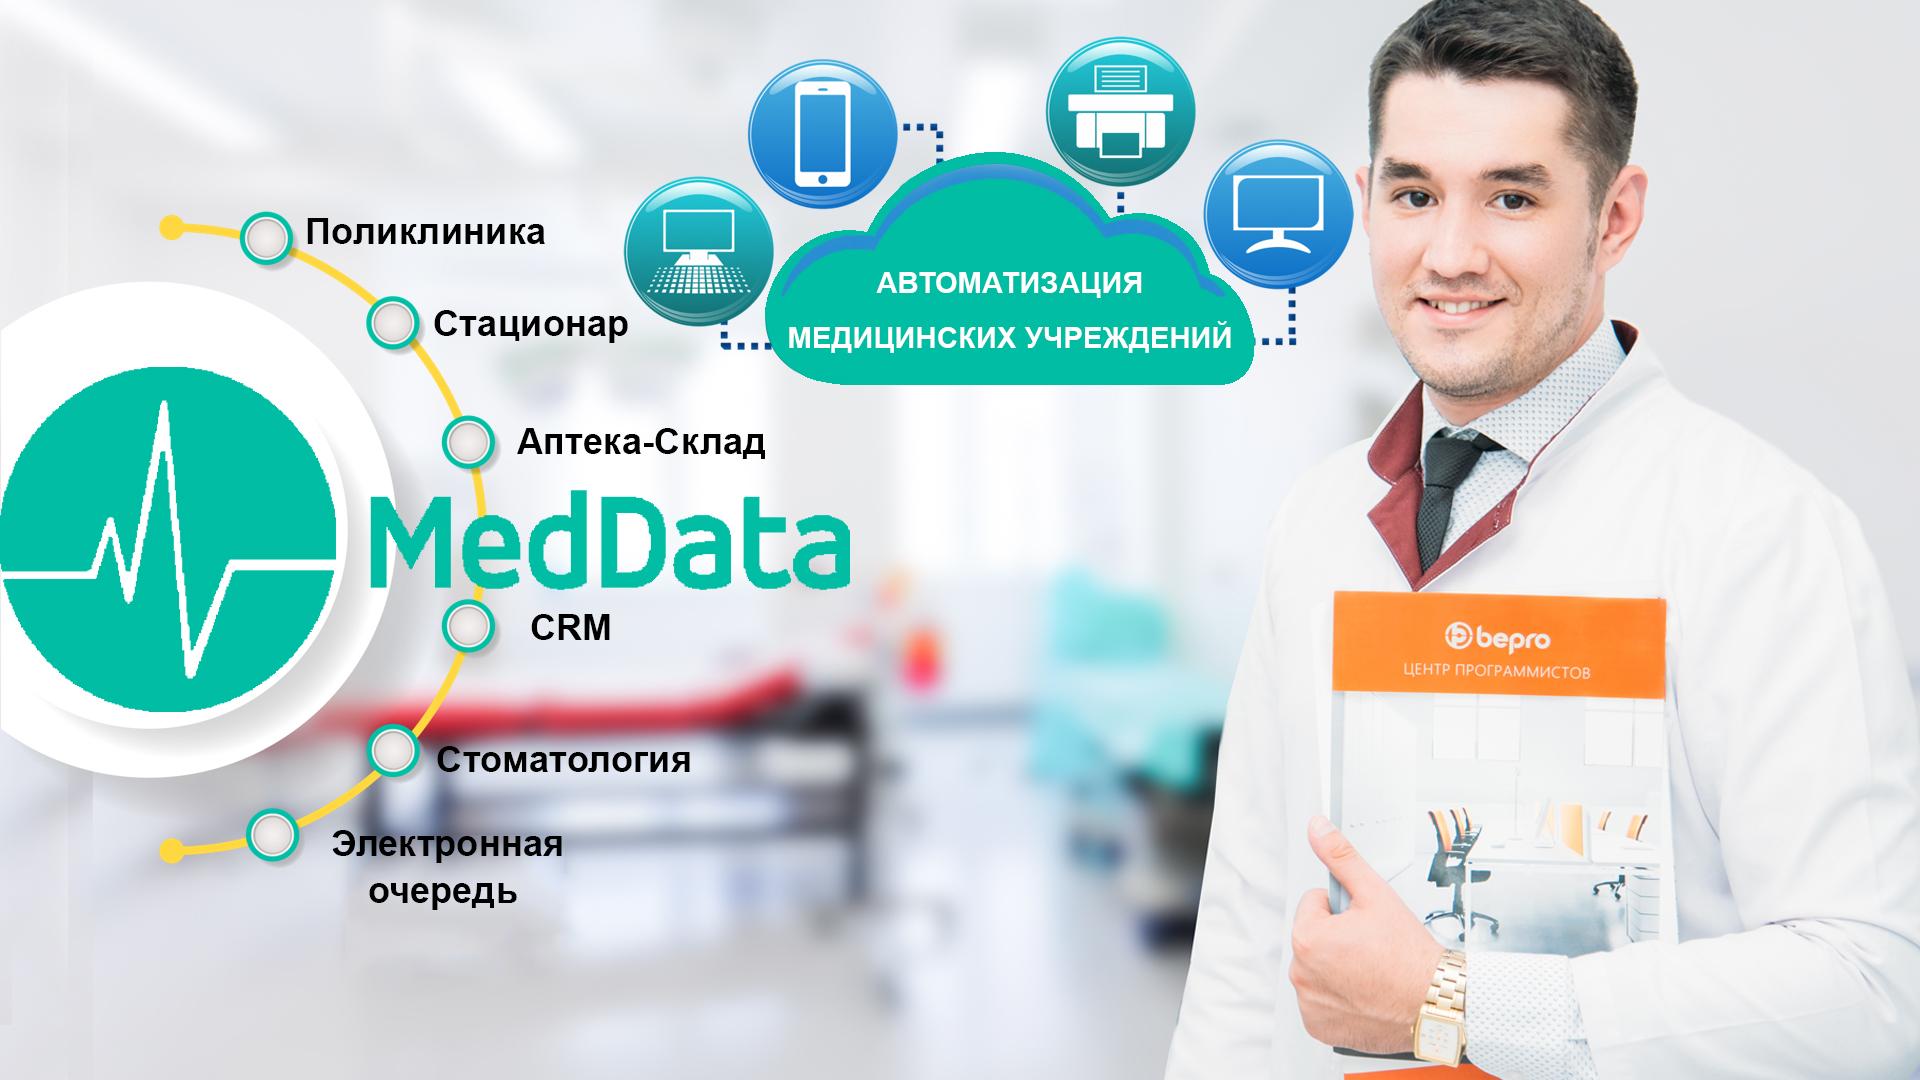 MedData uz